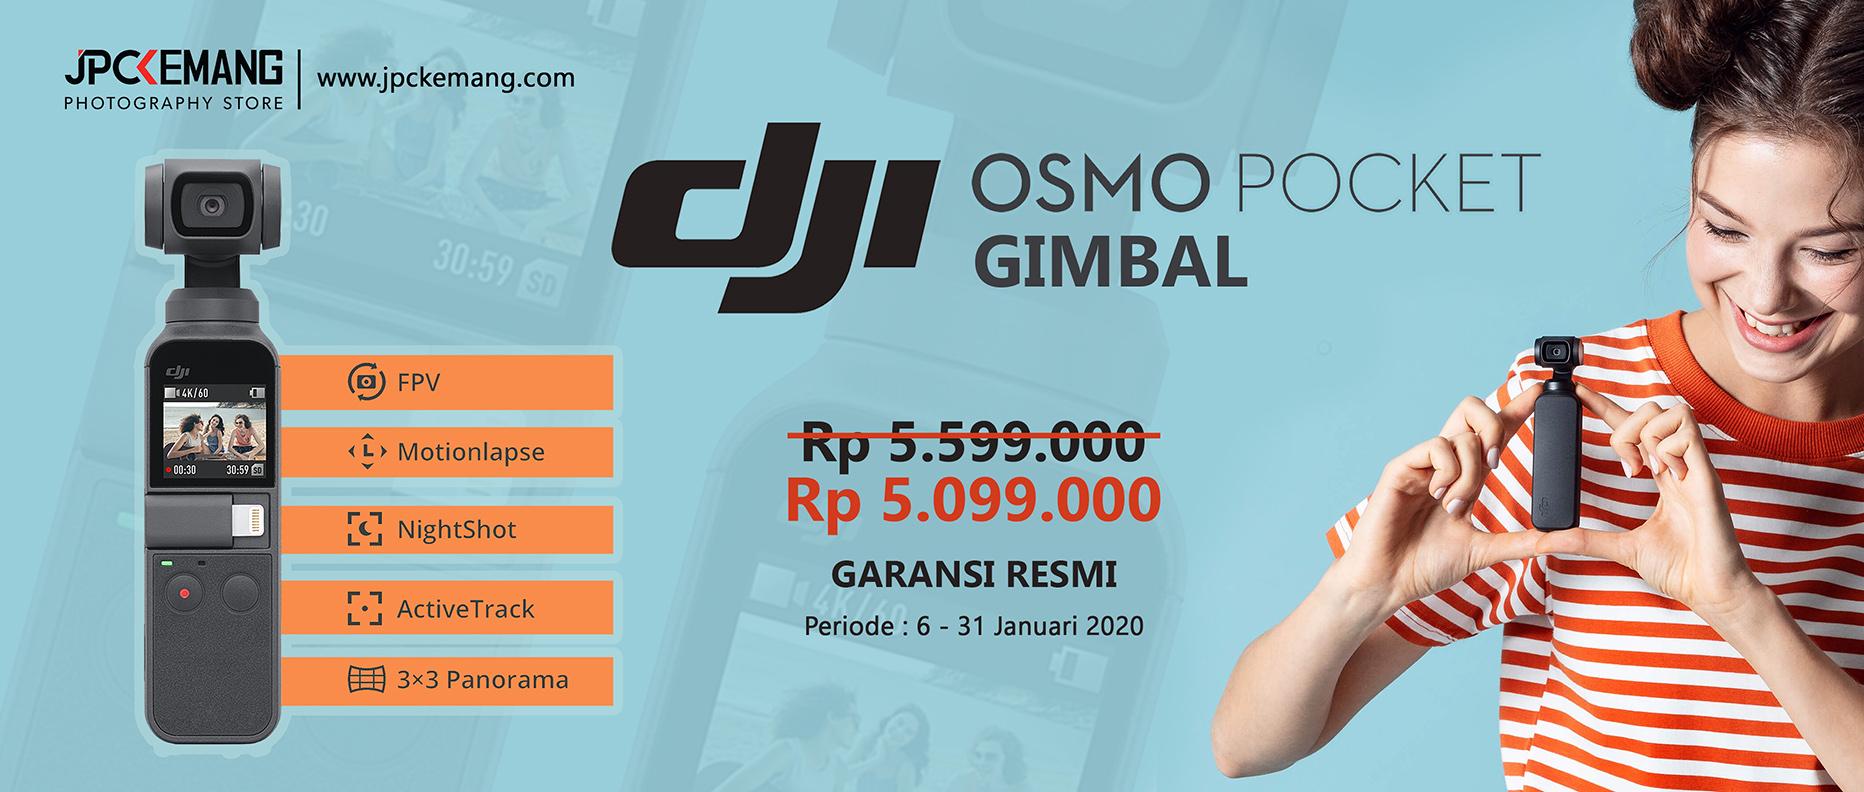 Promo DJI Osmo Pocket